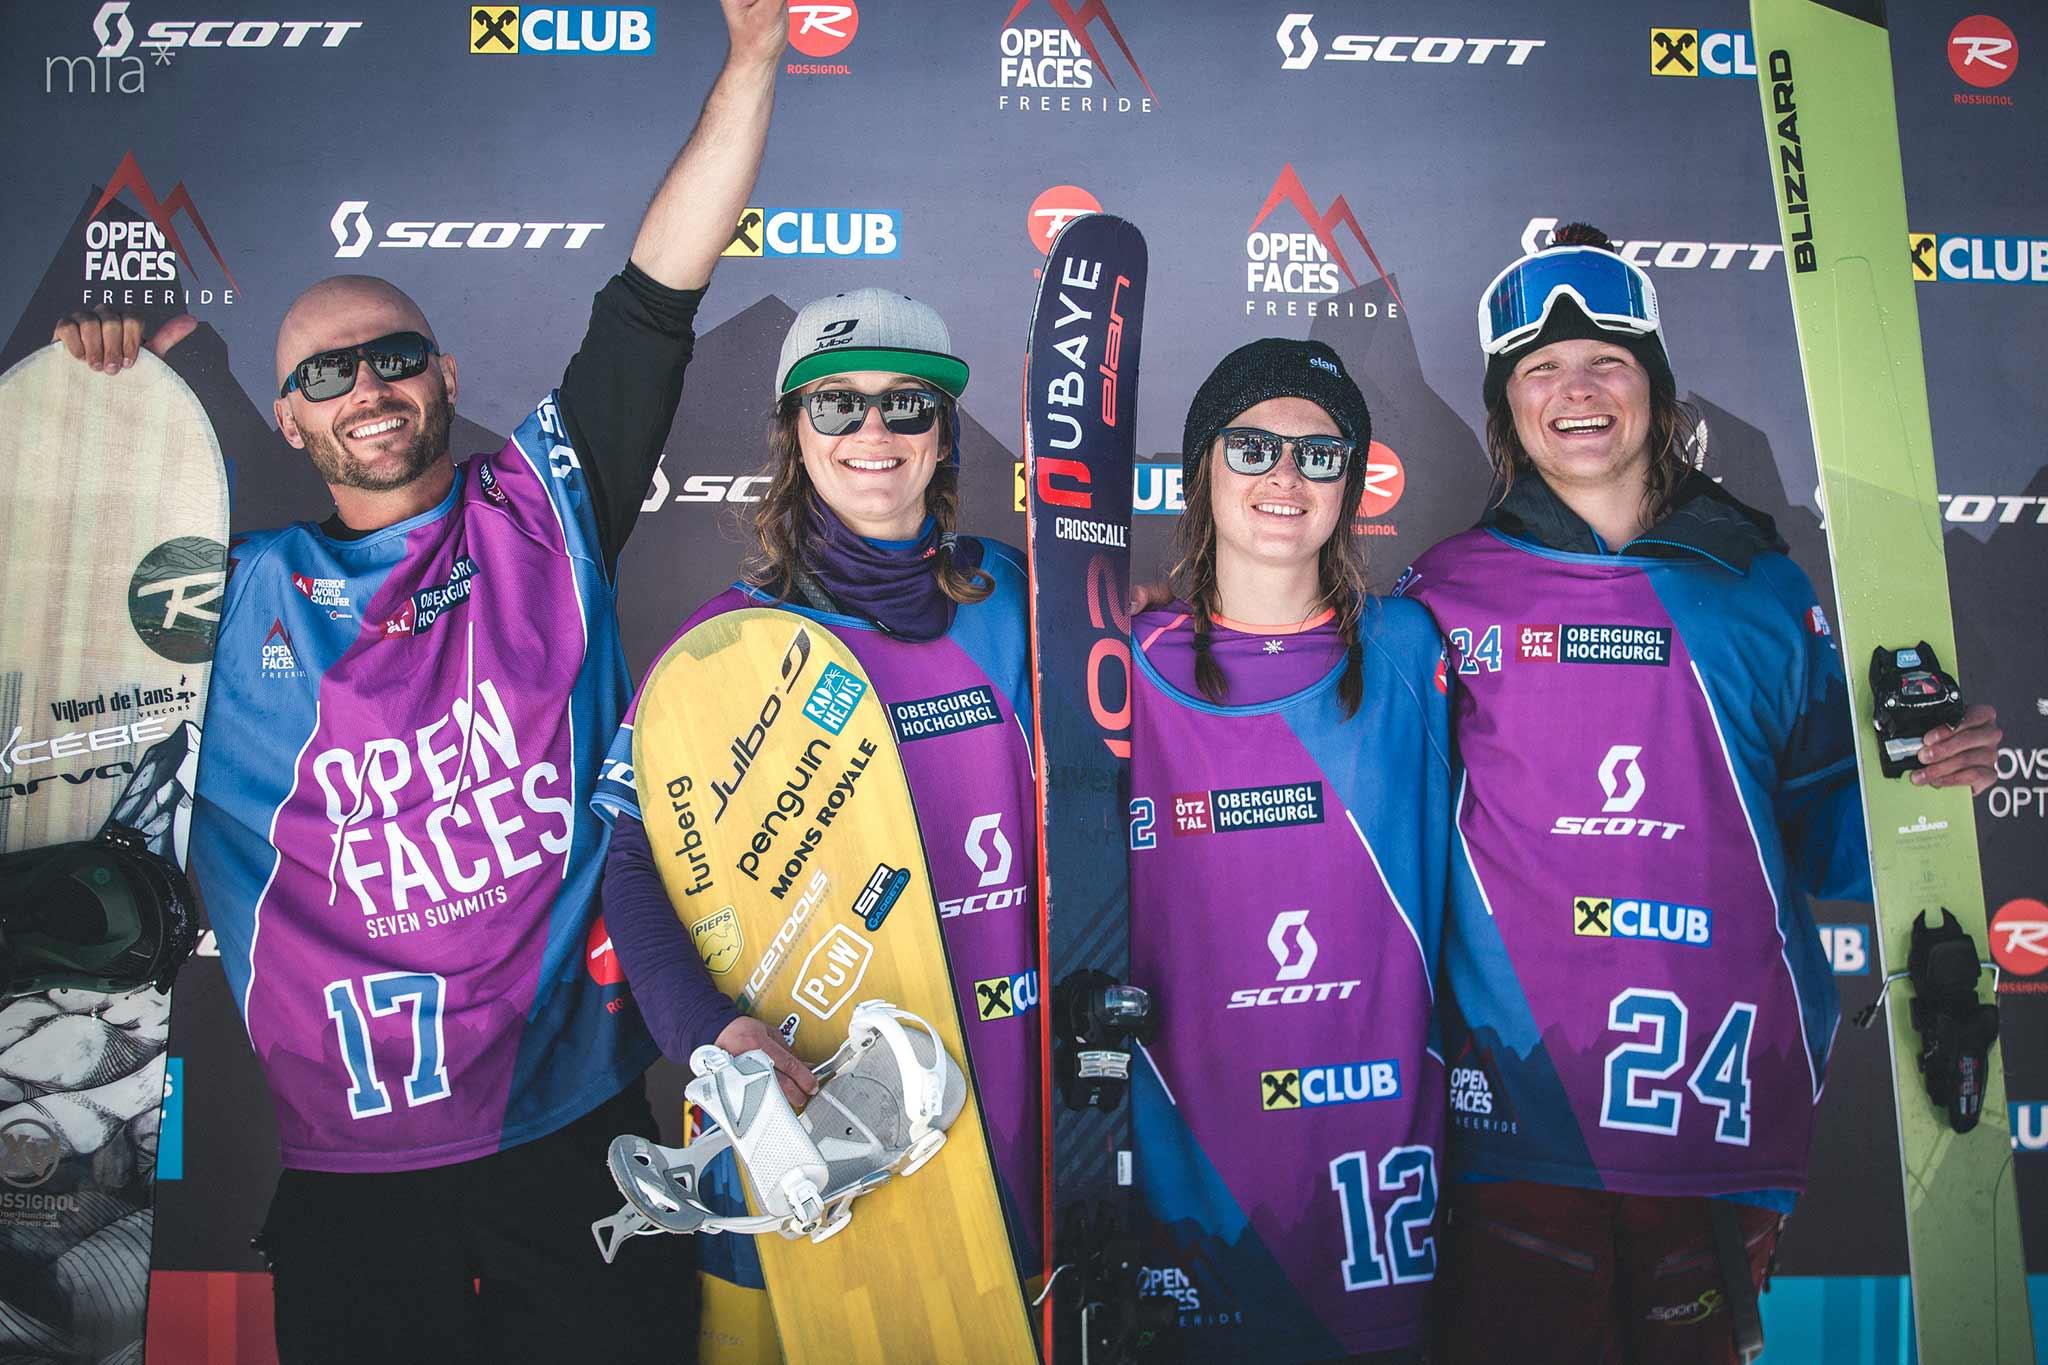 Die glücklichen Sieger - Foto: Open Faces / Mia Knoll